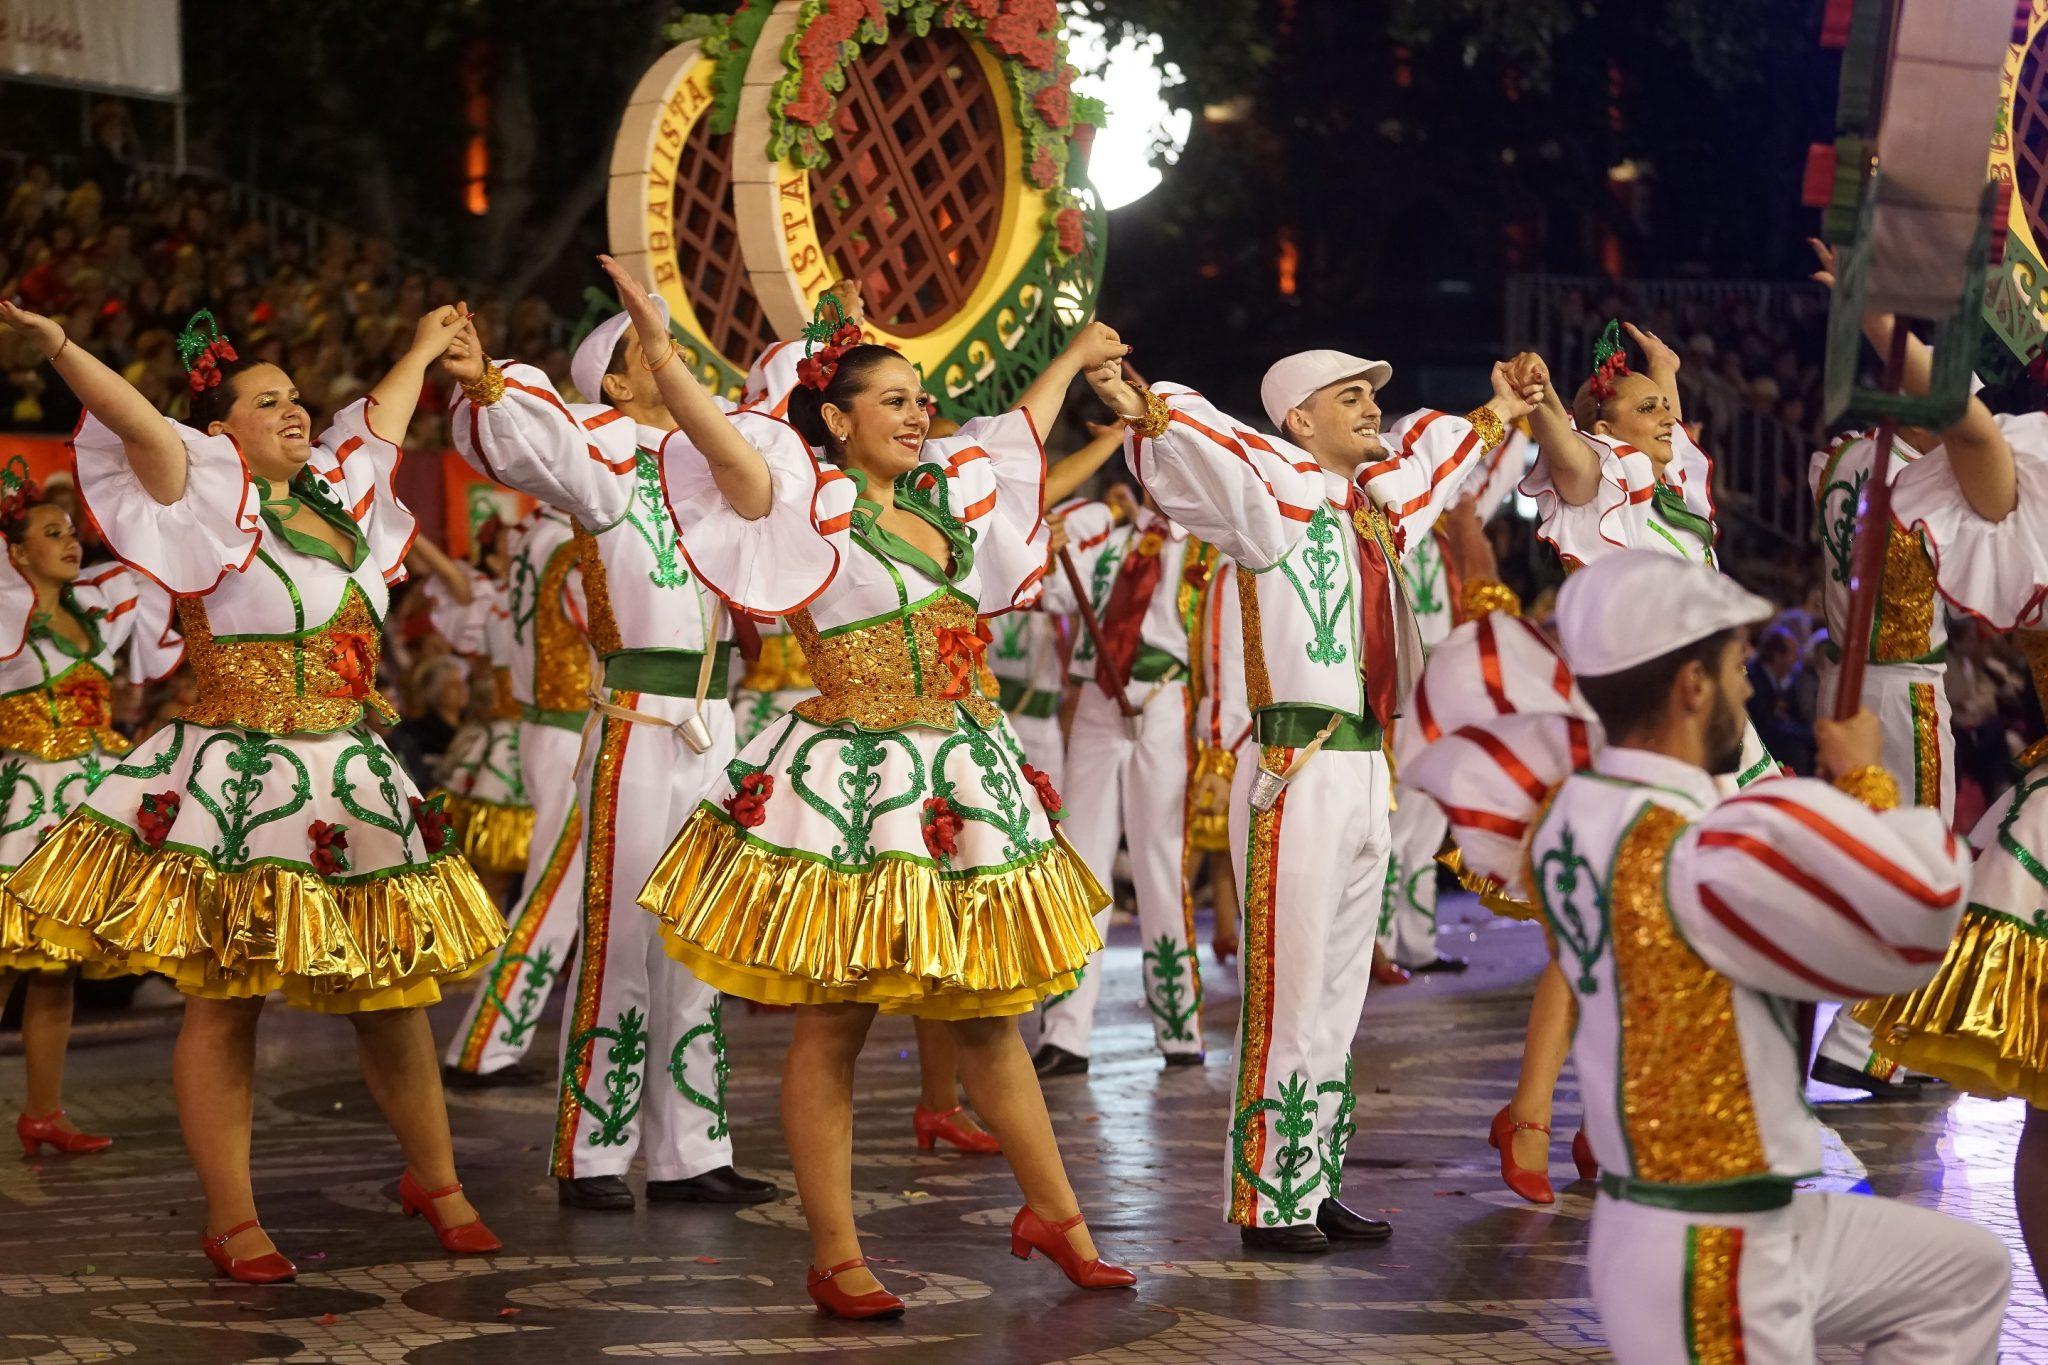 De lado para o observador, um grupo de marchantes homens e mulheres sorriem para a frente de braços no ar e mãos dadas. Têm roupas brancas com pormenores verdes e dourados e flores vermelhas. Em segundo plano podem ver-se alguns arcos onde se lê Boavista.